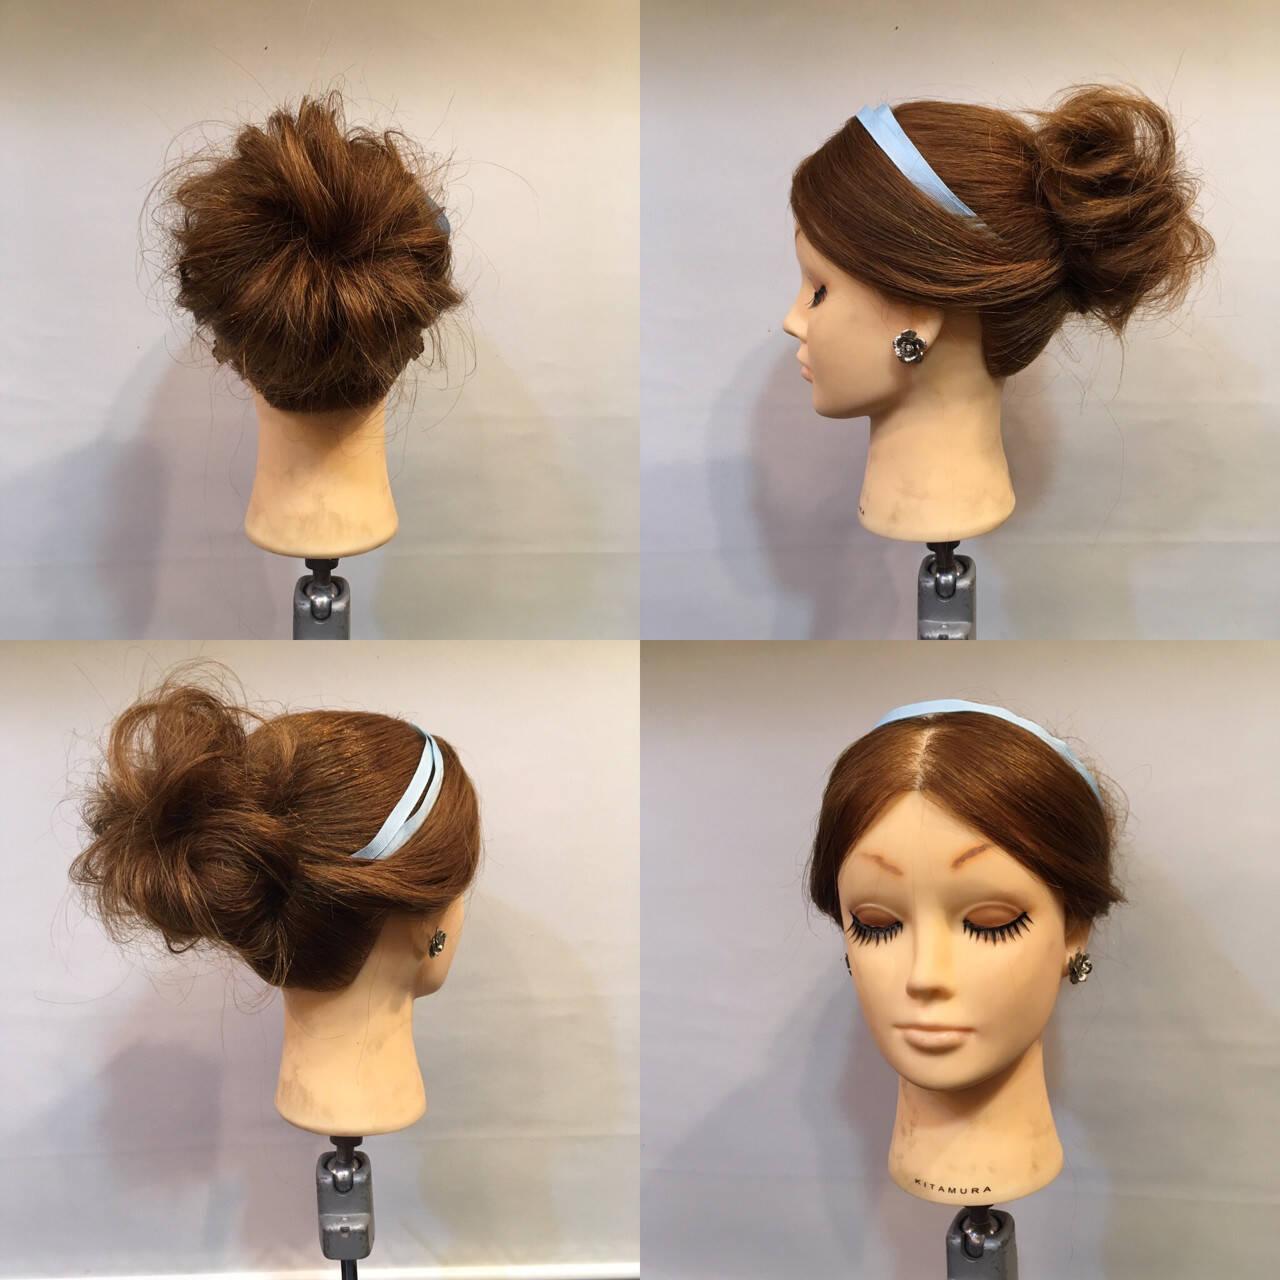 セミロング 結婚式 ヘアアレンジ ディズニーヘアスタイルや髪型の写真・画像